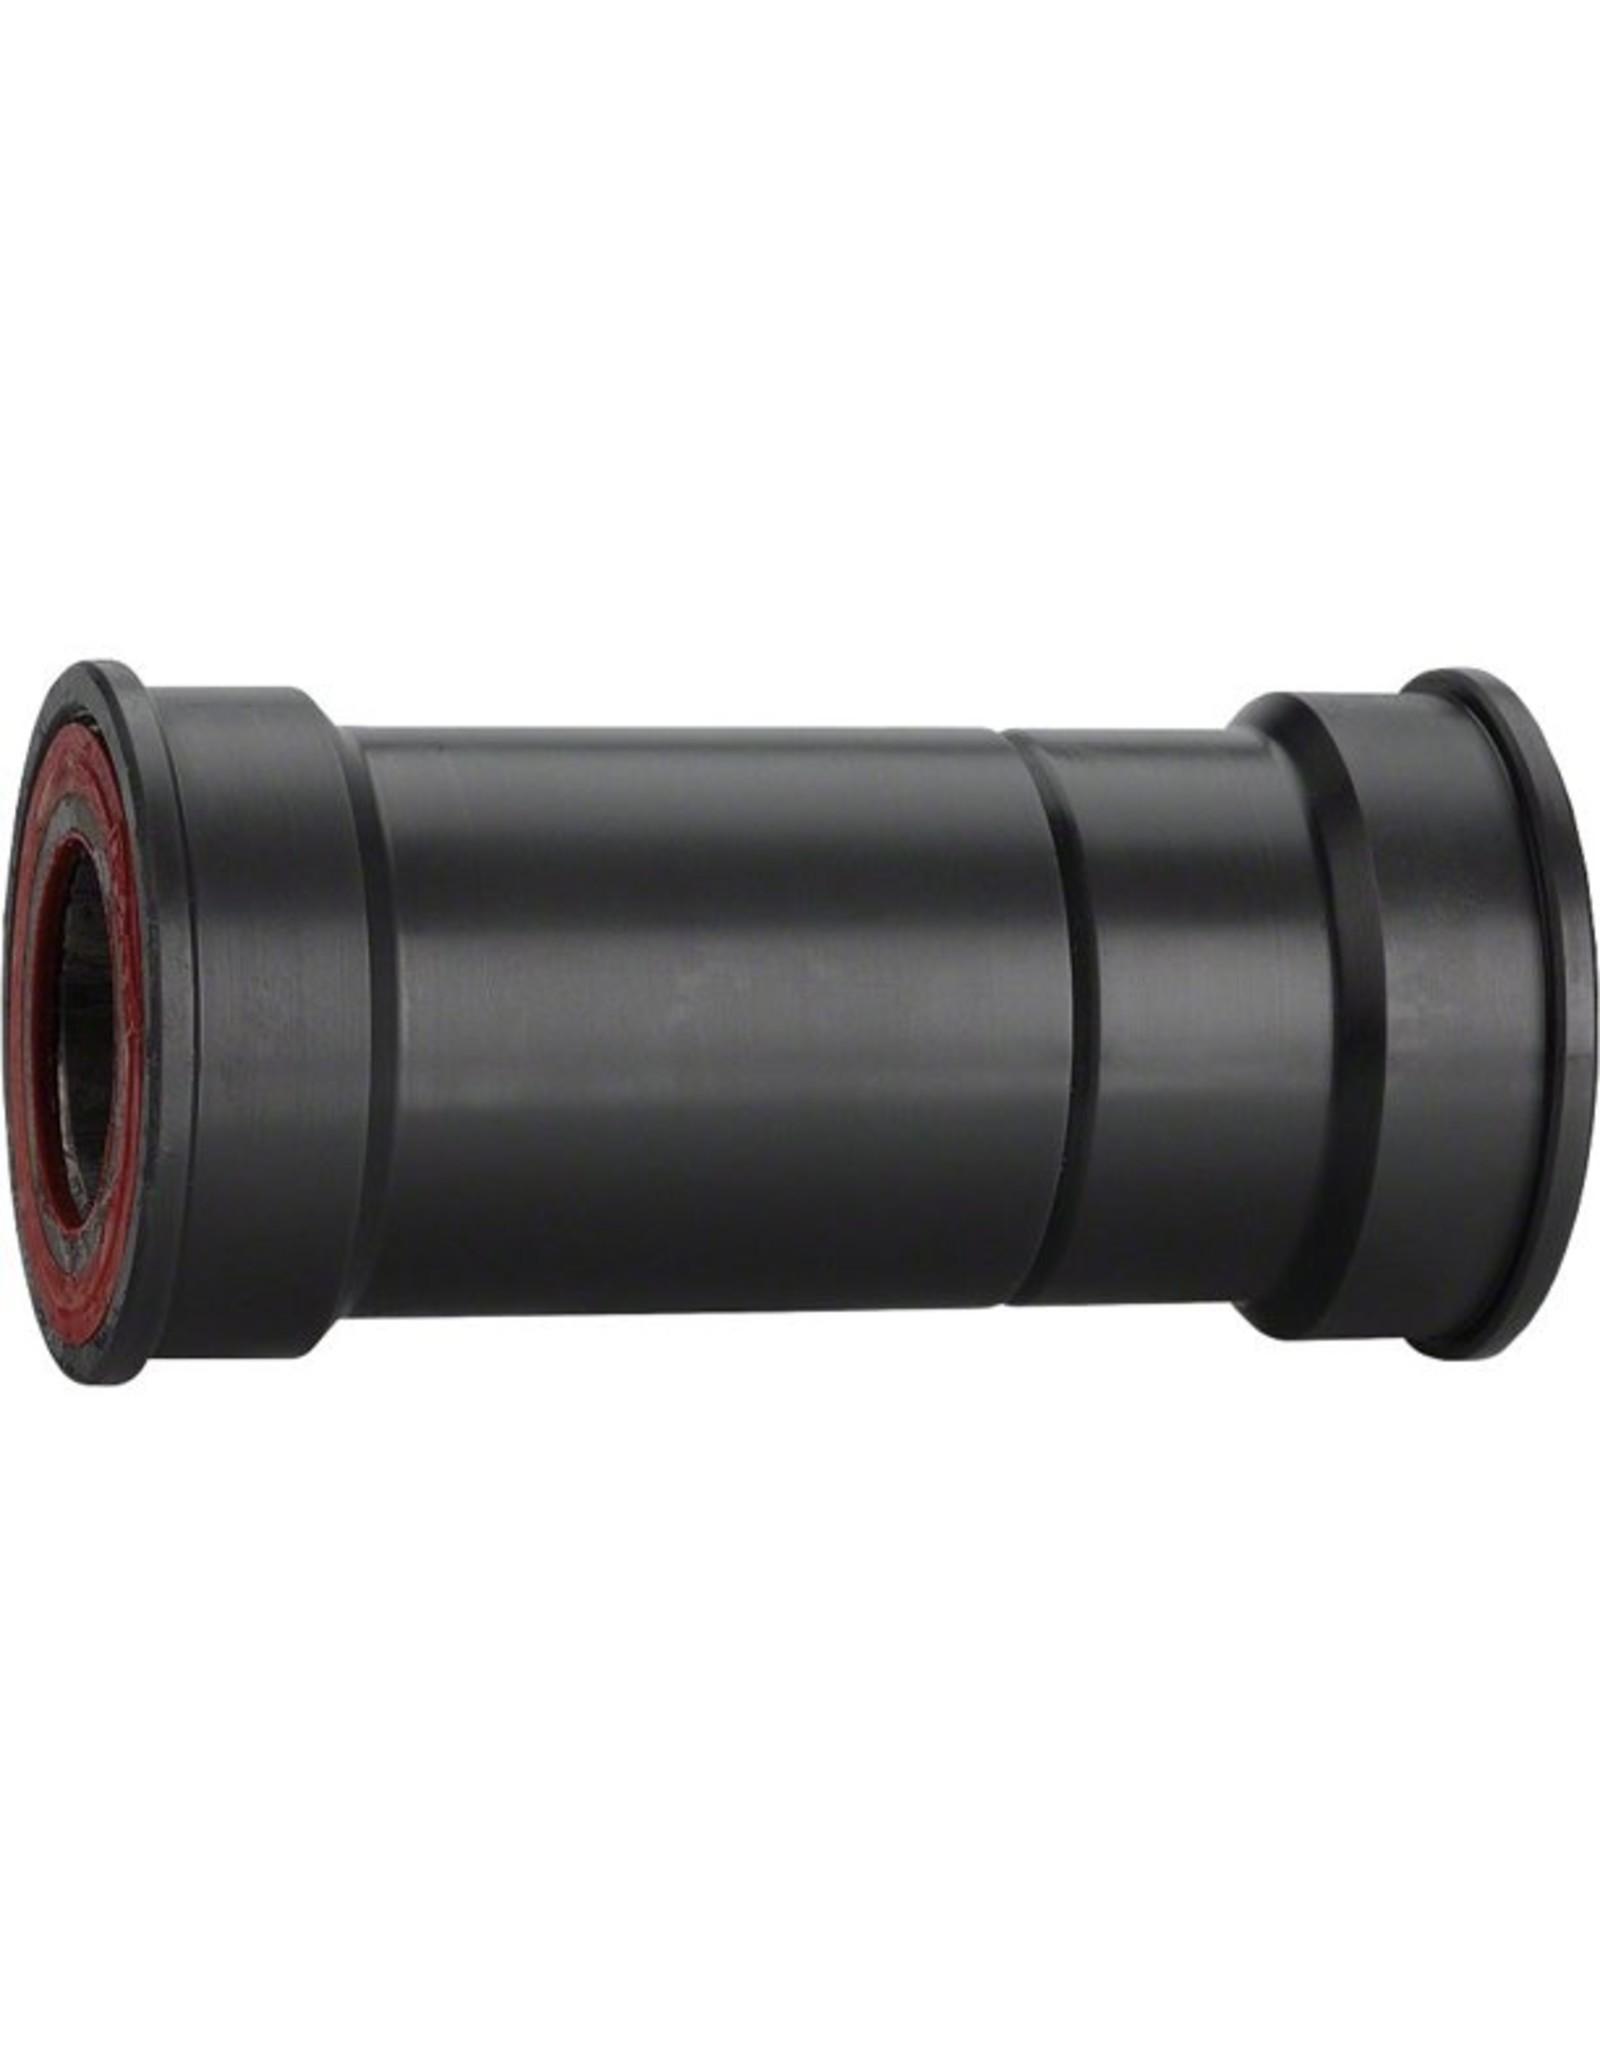 SRAM SRAM/Truvativ GXP BB92 Ceramic Bottom Bracket MTB